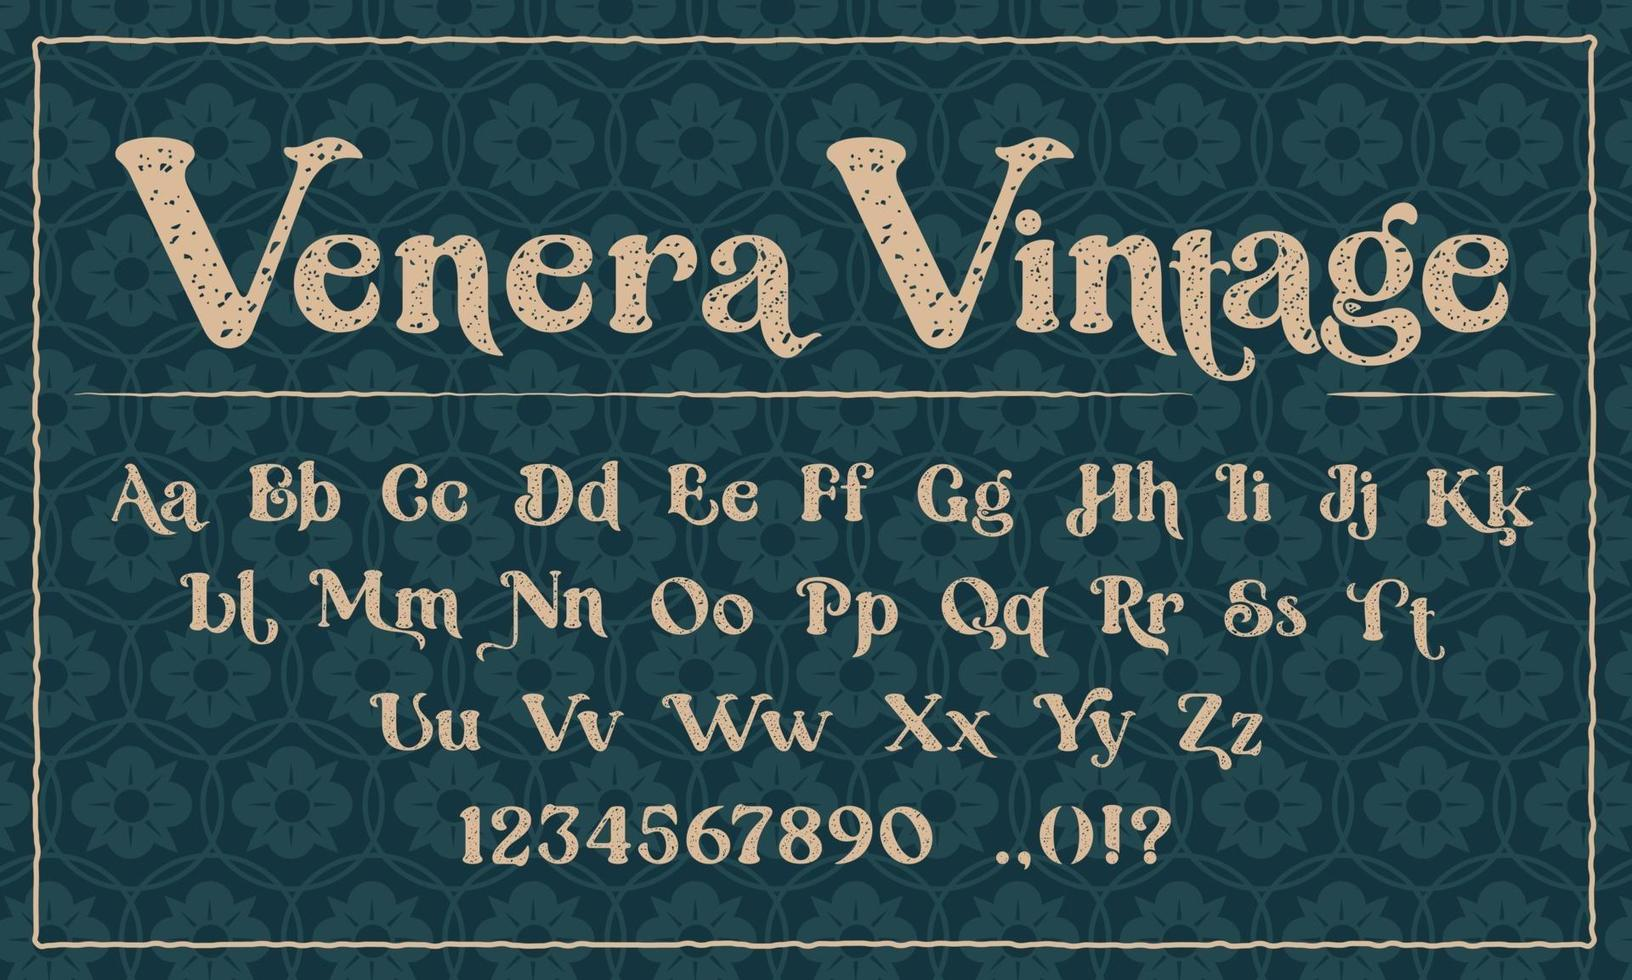 een decoratief lettertype in de grungestijl. perfect voor het merk, voor uitnodigingen, ansichtkaarten, logo's, winkels en vele andere toepassingen. vector